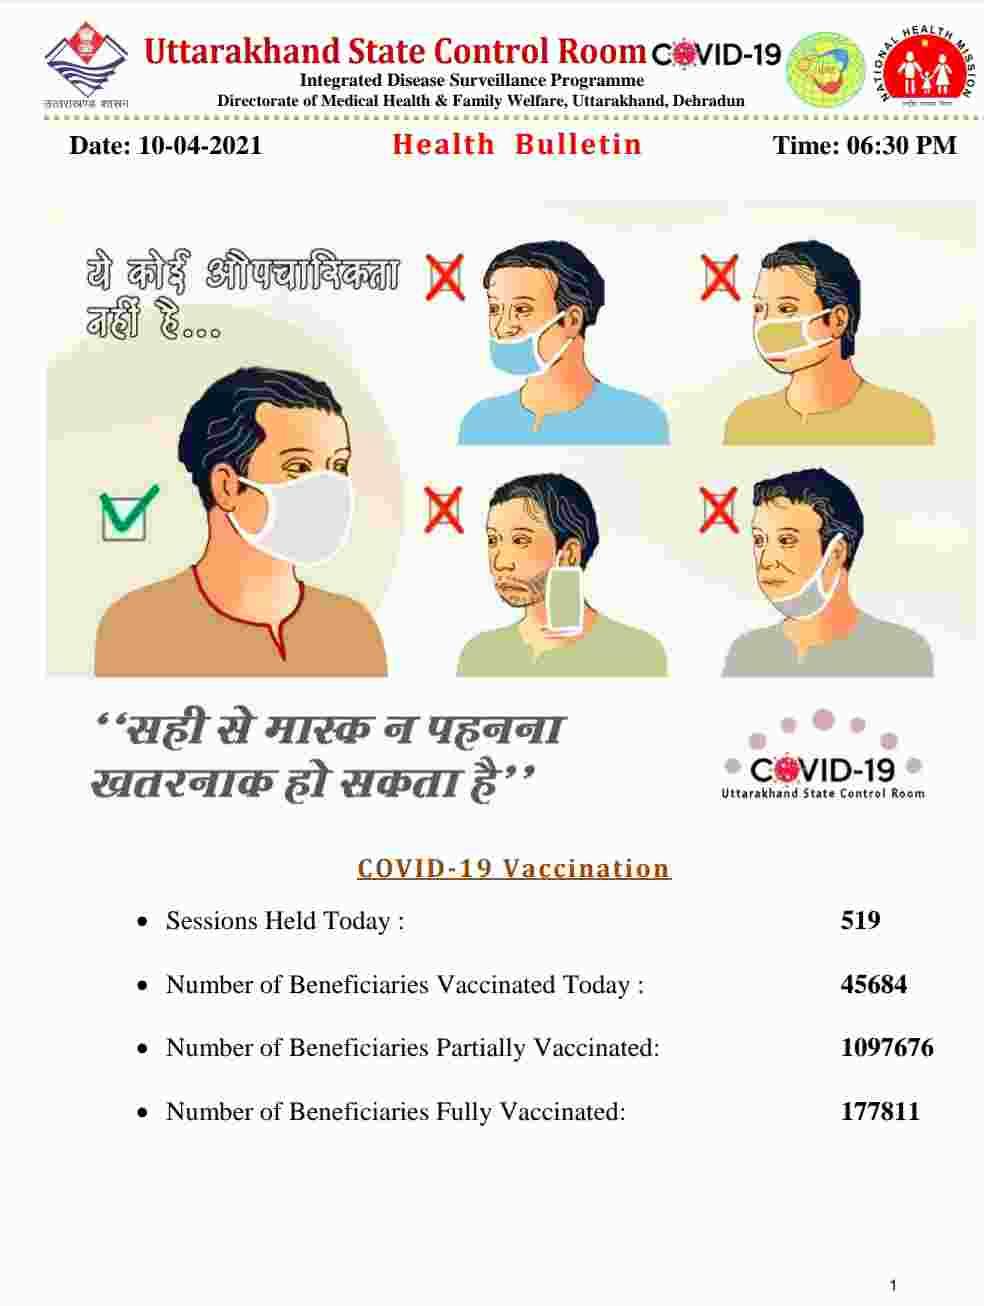 कोरोना बुलेटिन: उत्तराखंड में 1233 नए कोविड-19 मरीज़, 3 लोगों की मौत, देहरादून में अब 27 कंटेनमेंट जोन 2